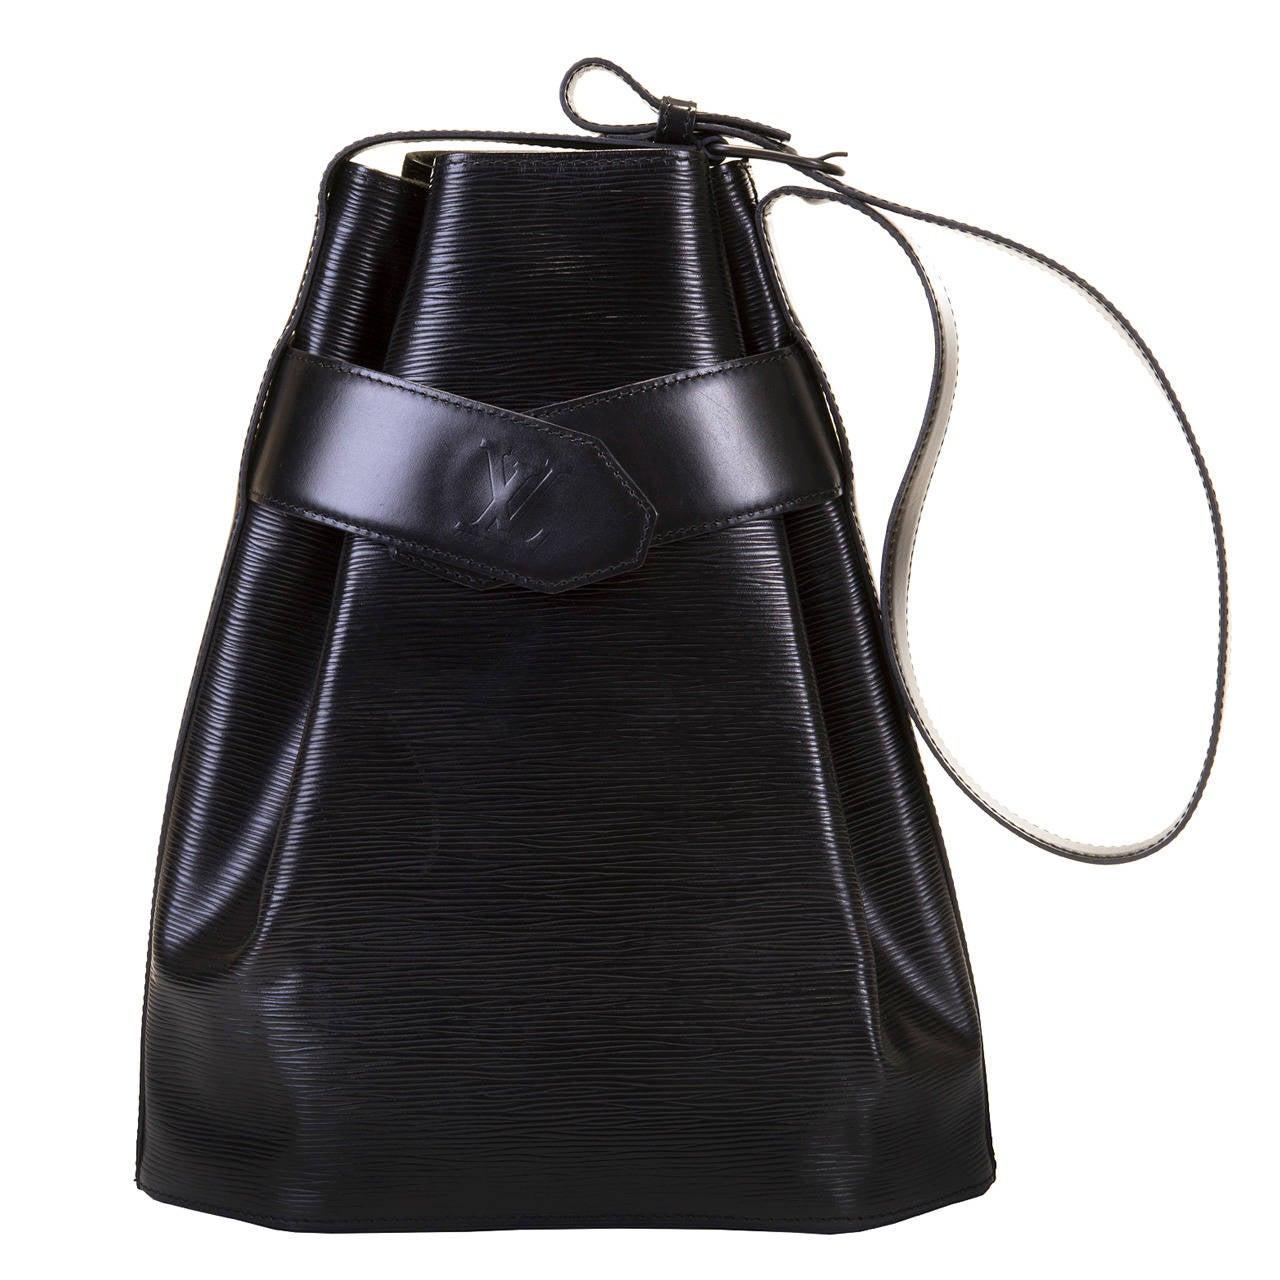 Louis Vuitton Epi Leather Shoulder Bag 6